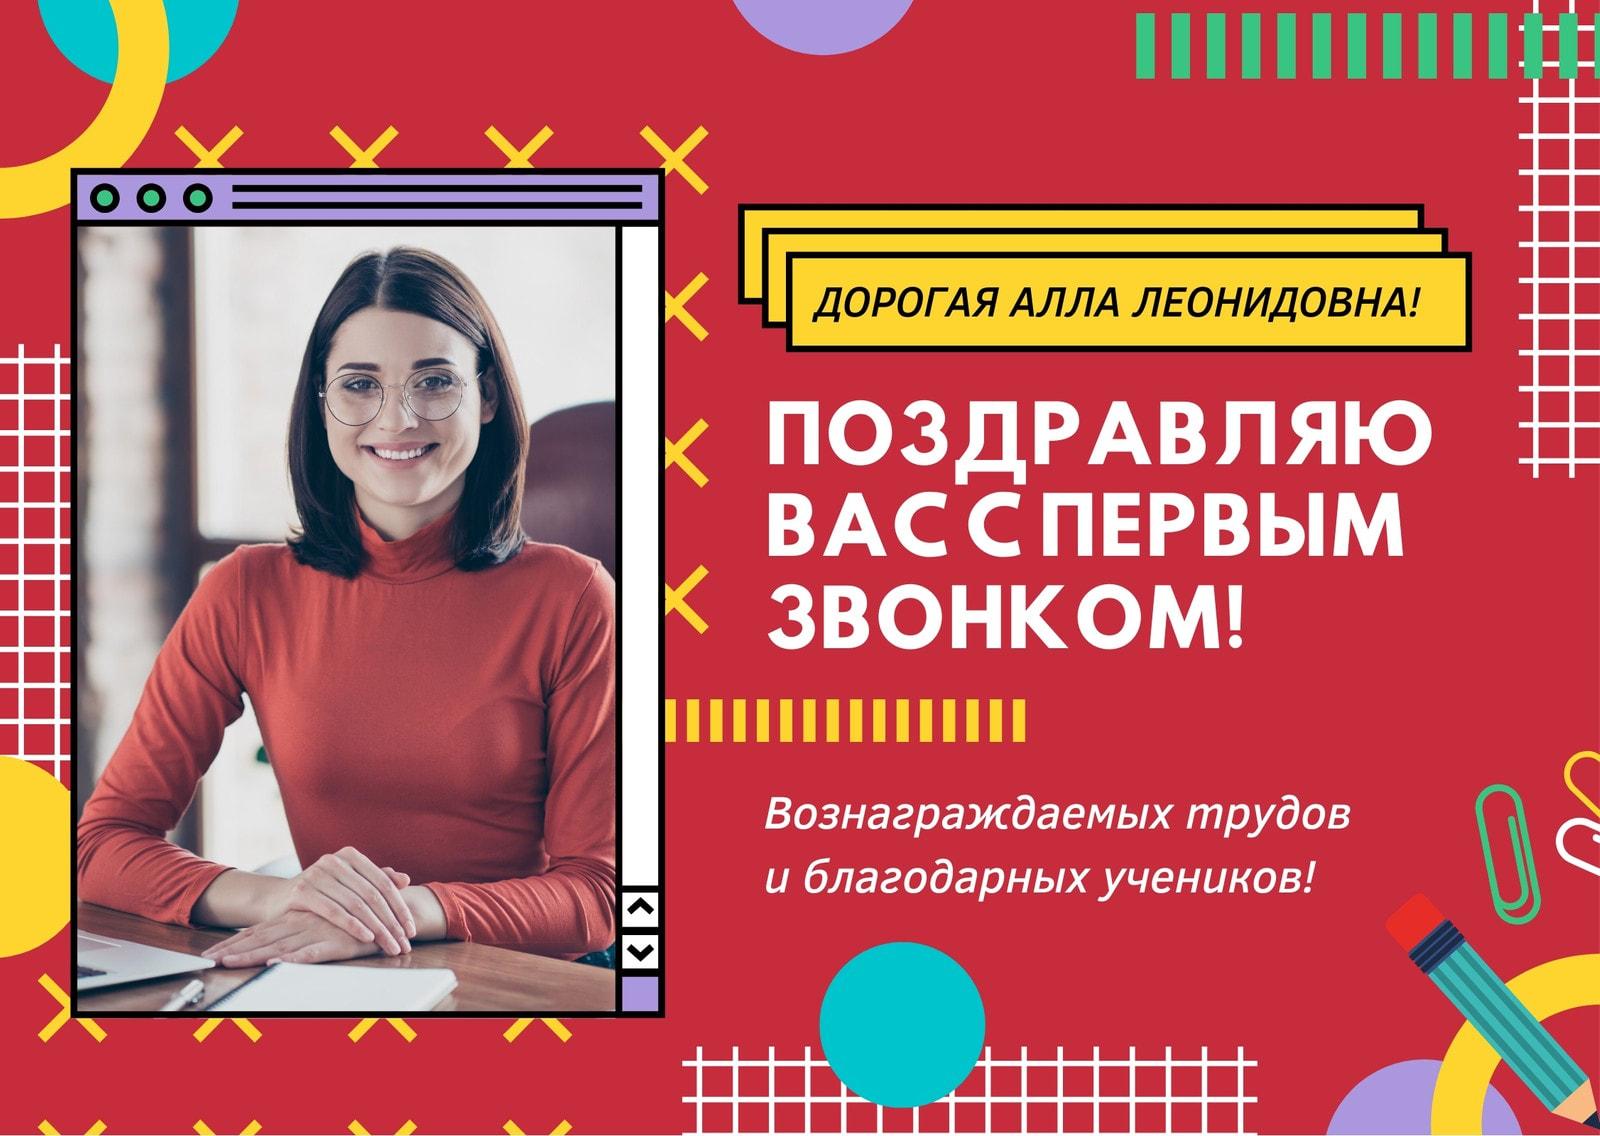 Красная открытка на первый звонок с фотографией учителя и абстрактной графикой